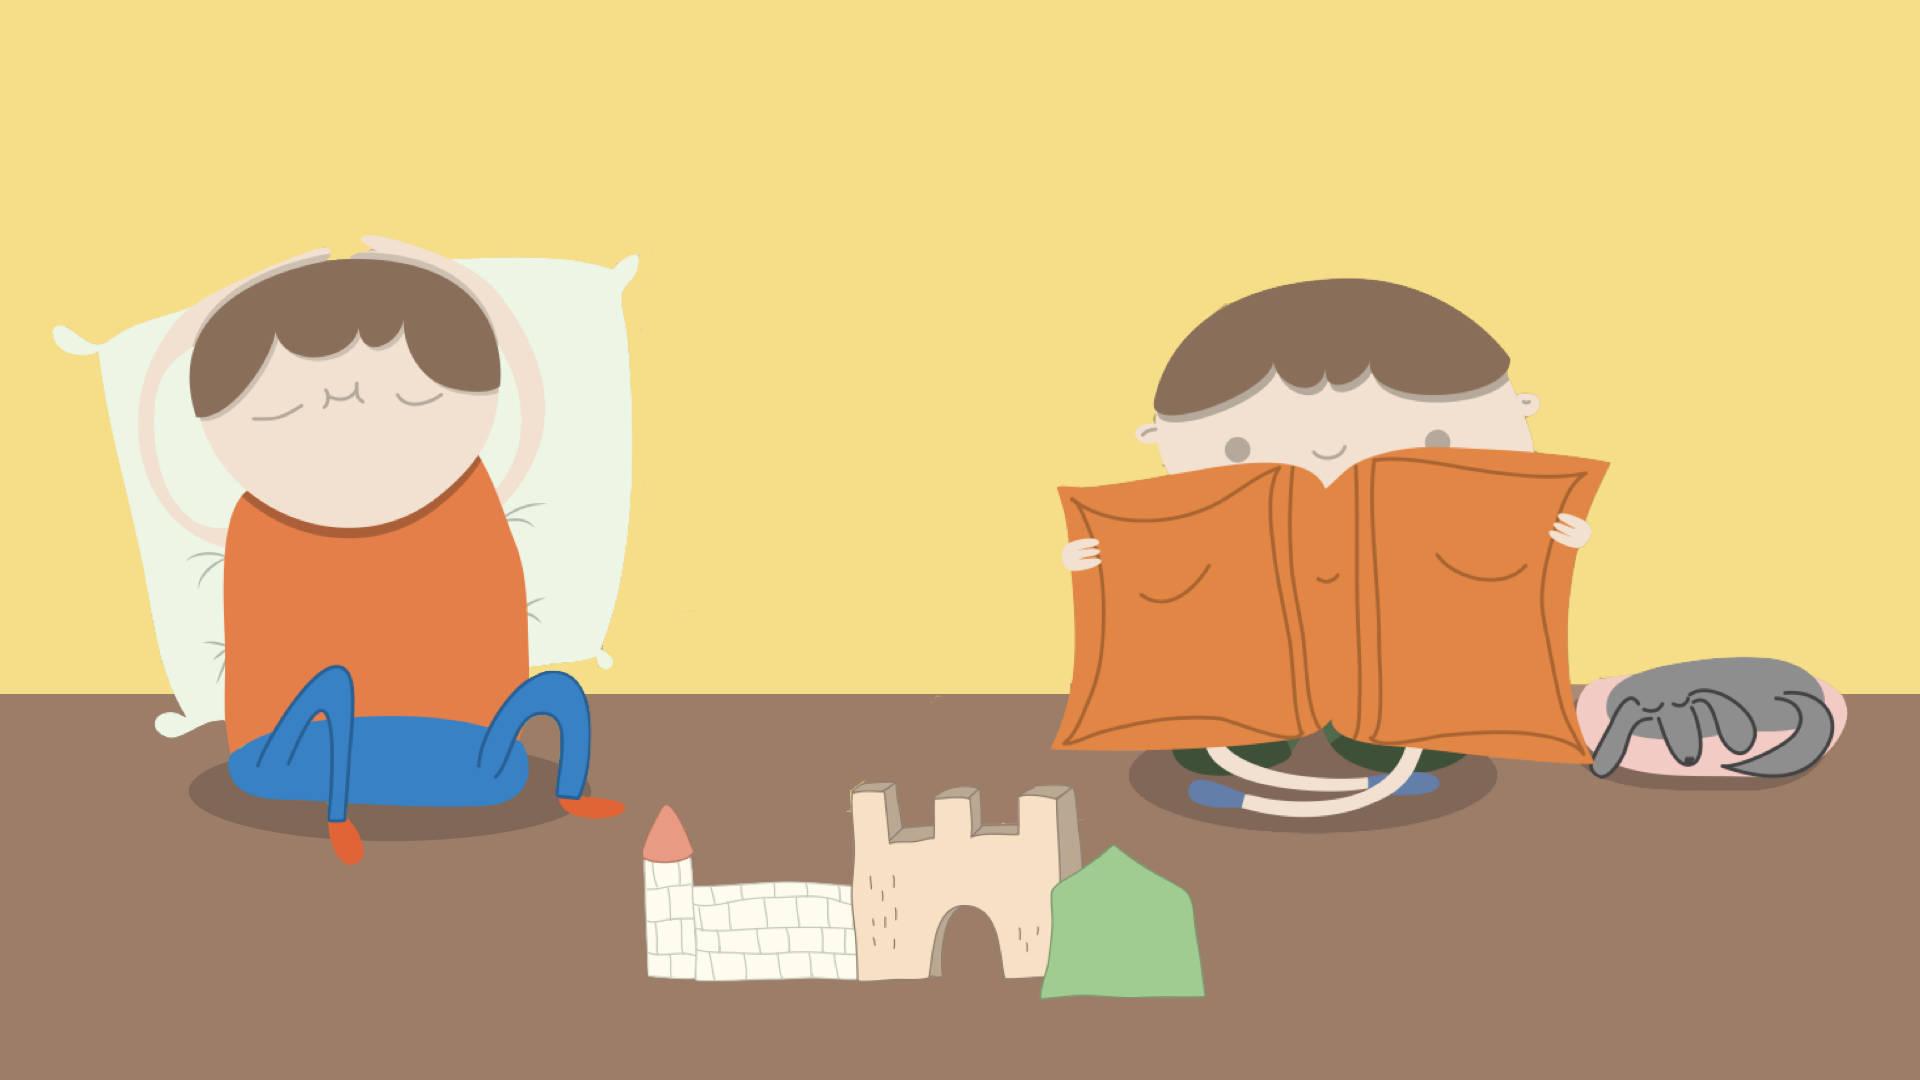 Livros que fazem as crianças crescerem #49: sob o feitiço das bruxas #1